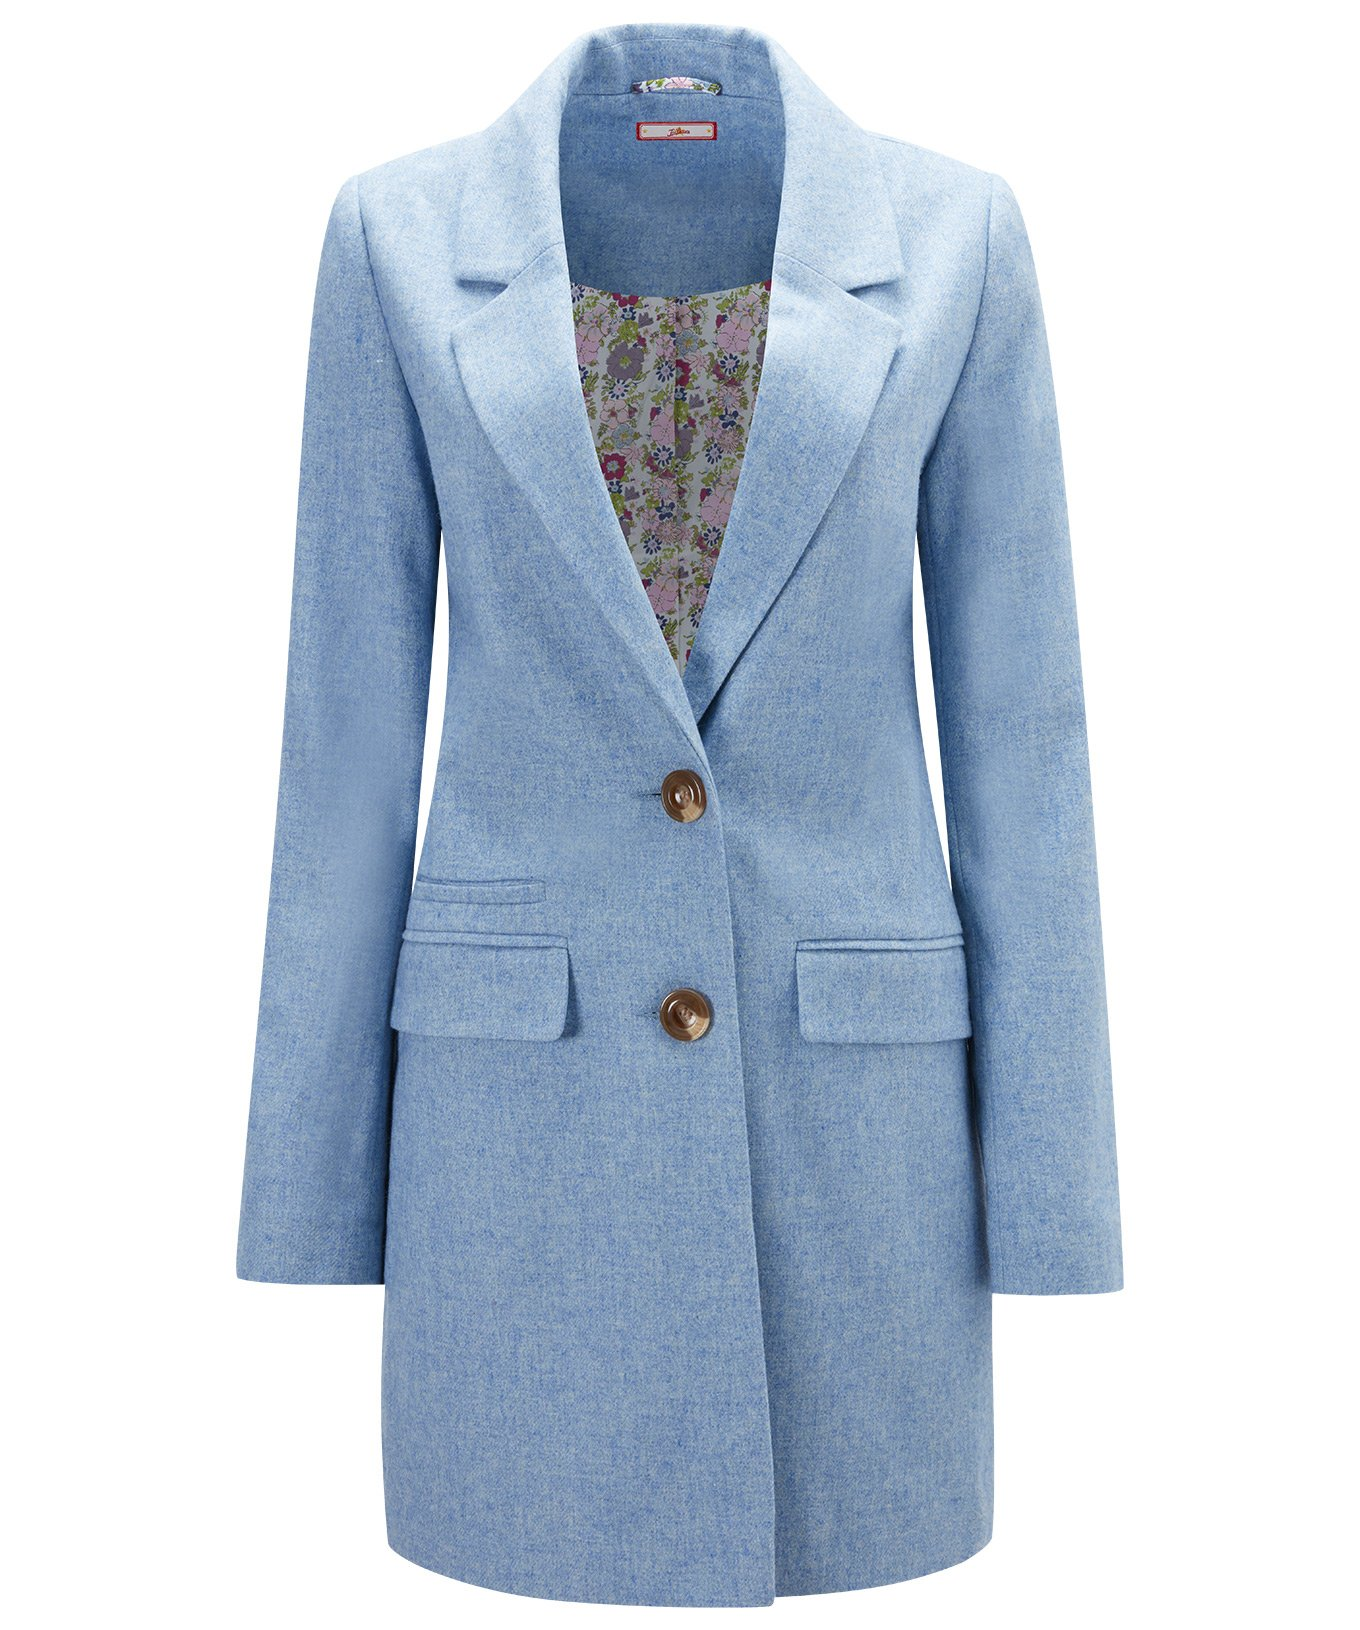 Joe Browns Womens Oversized Boyfriend Style Coat Blue 12